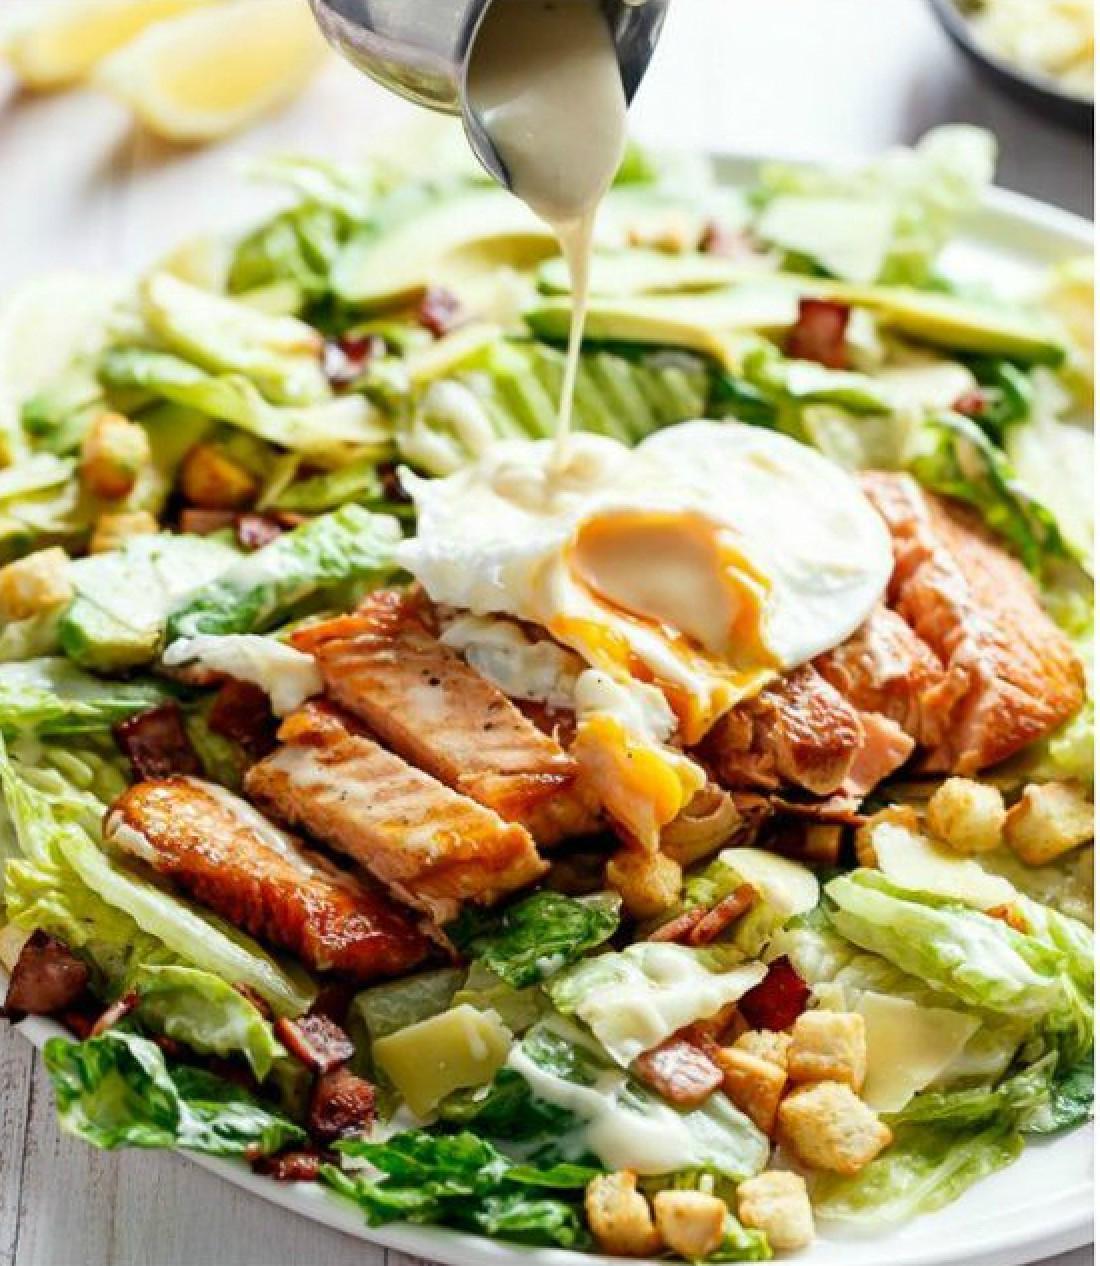 Узнай, какие заправки считаются лучшими для салатов